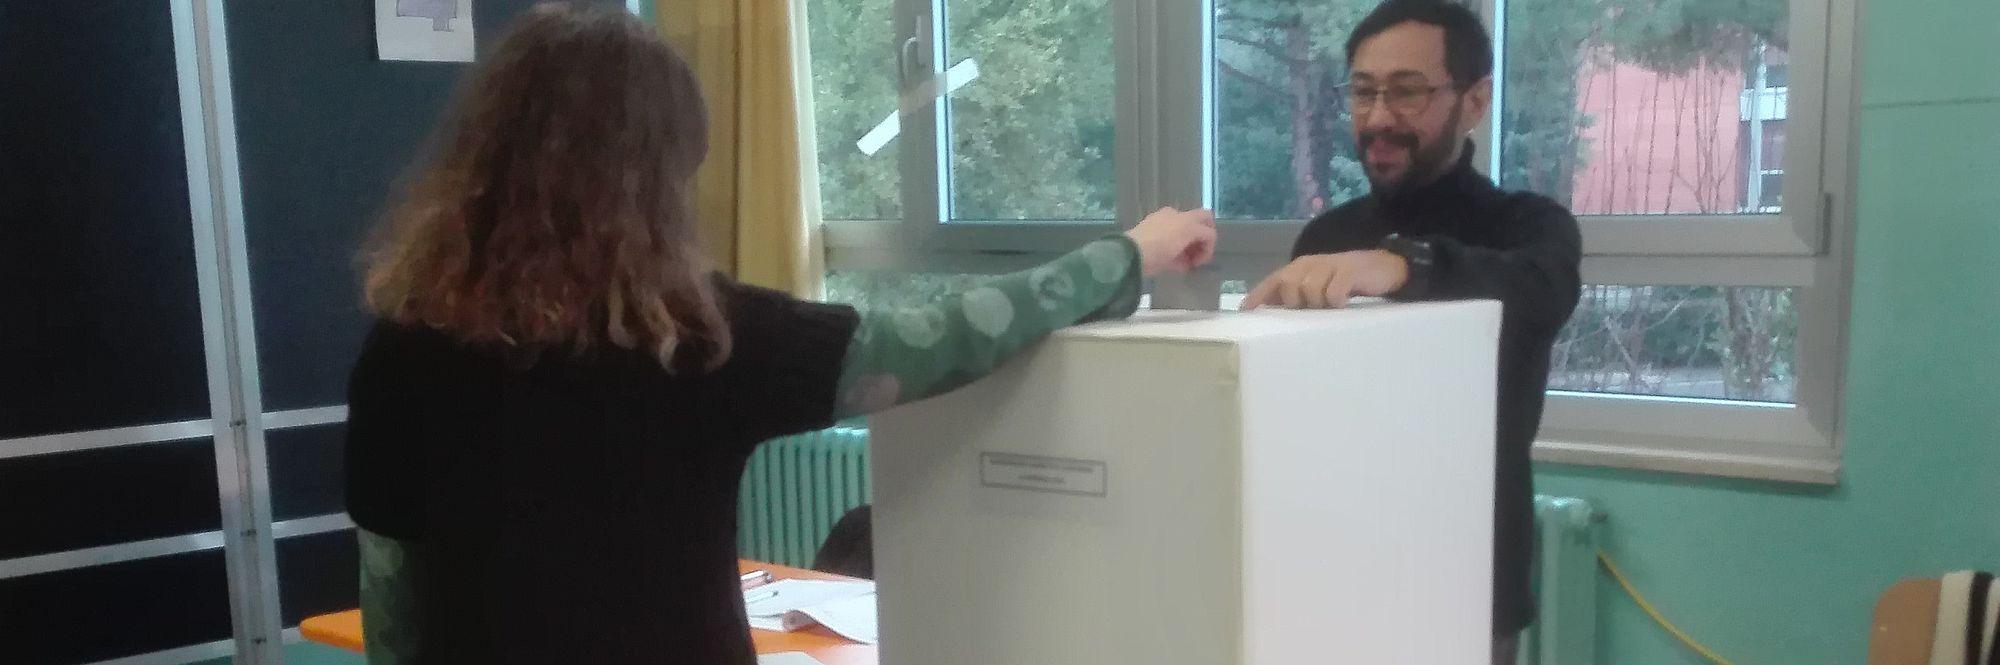 Sezione n. 80 al voto